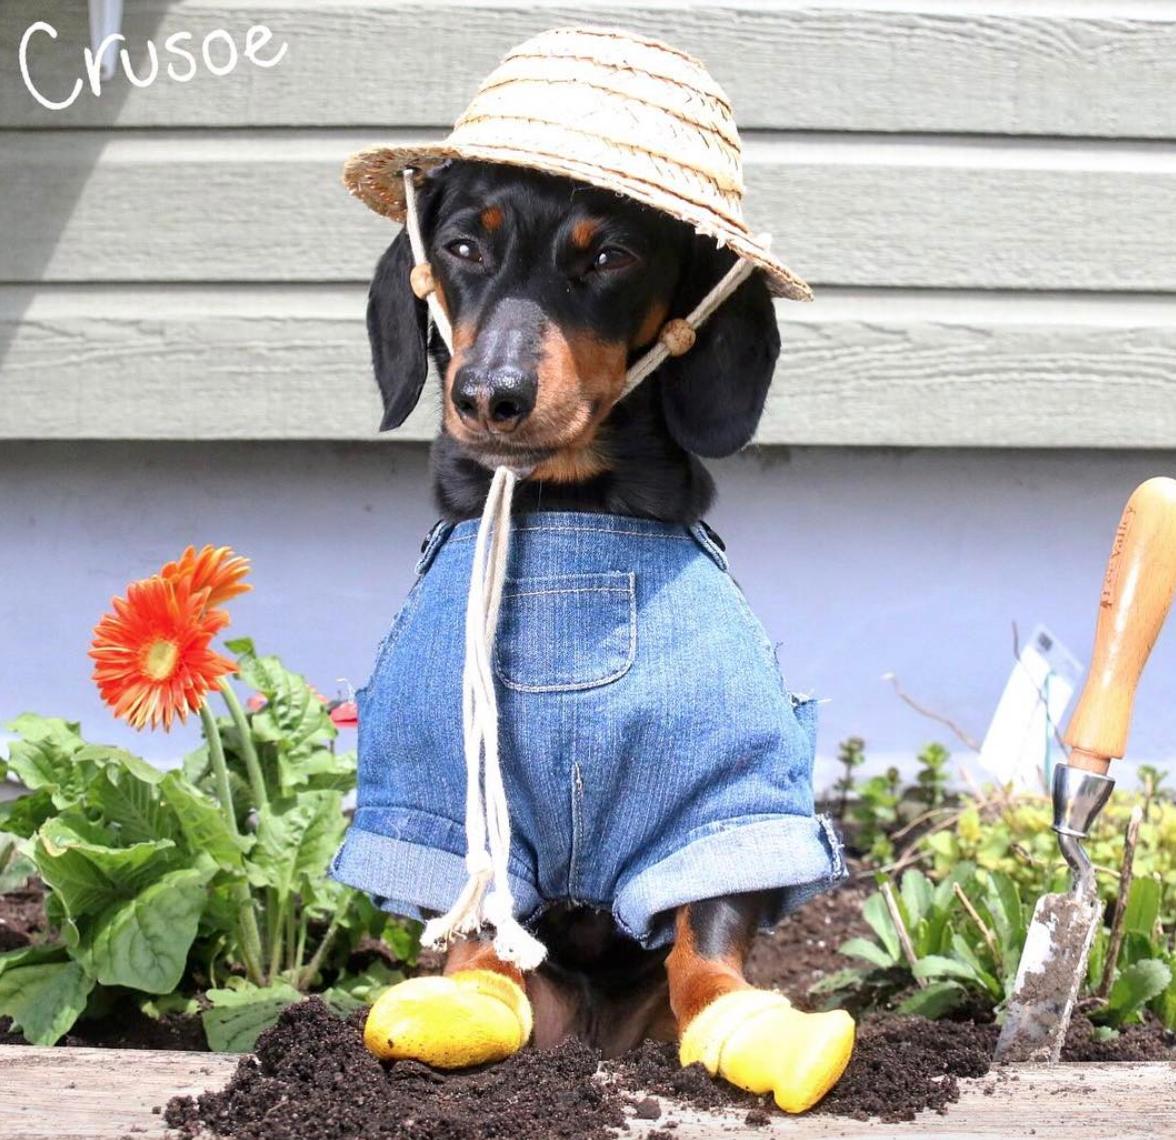 Instagram Pets - Crusoe Dachshund